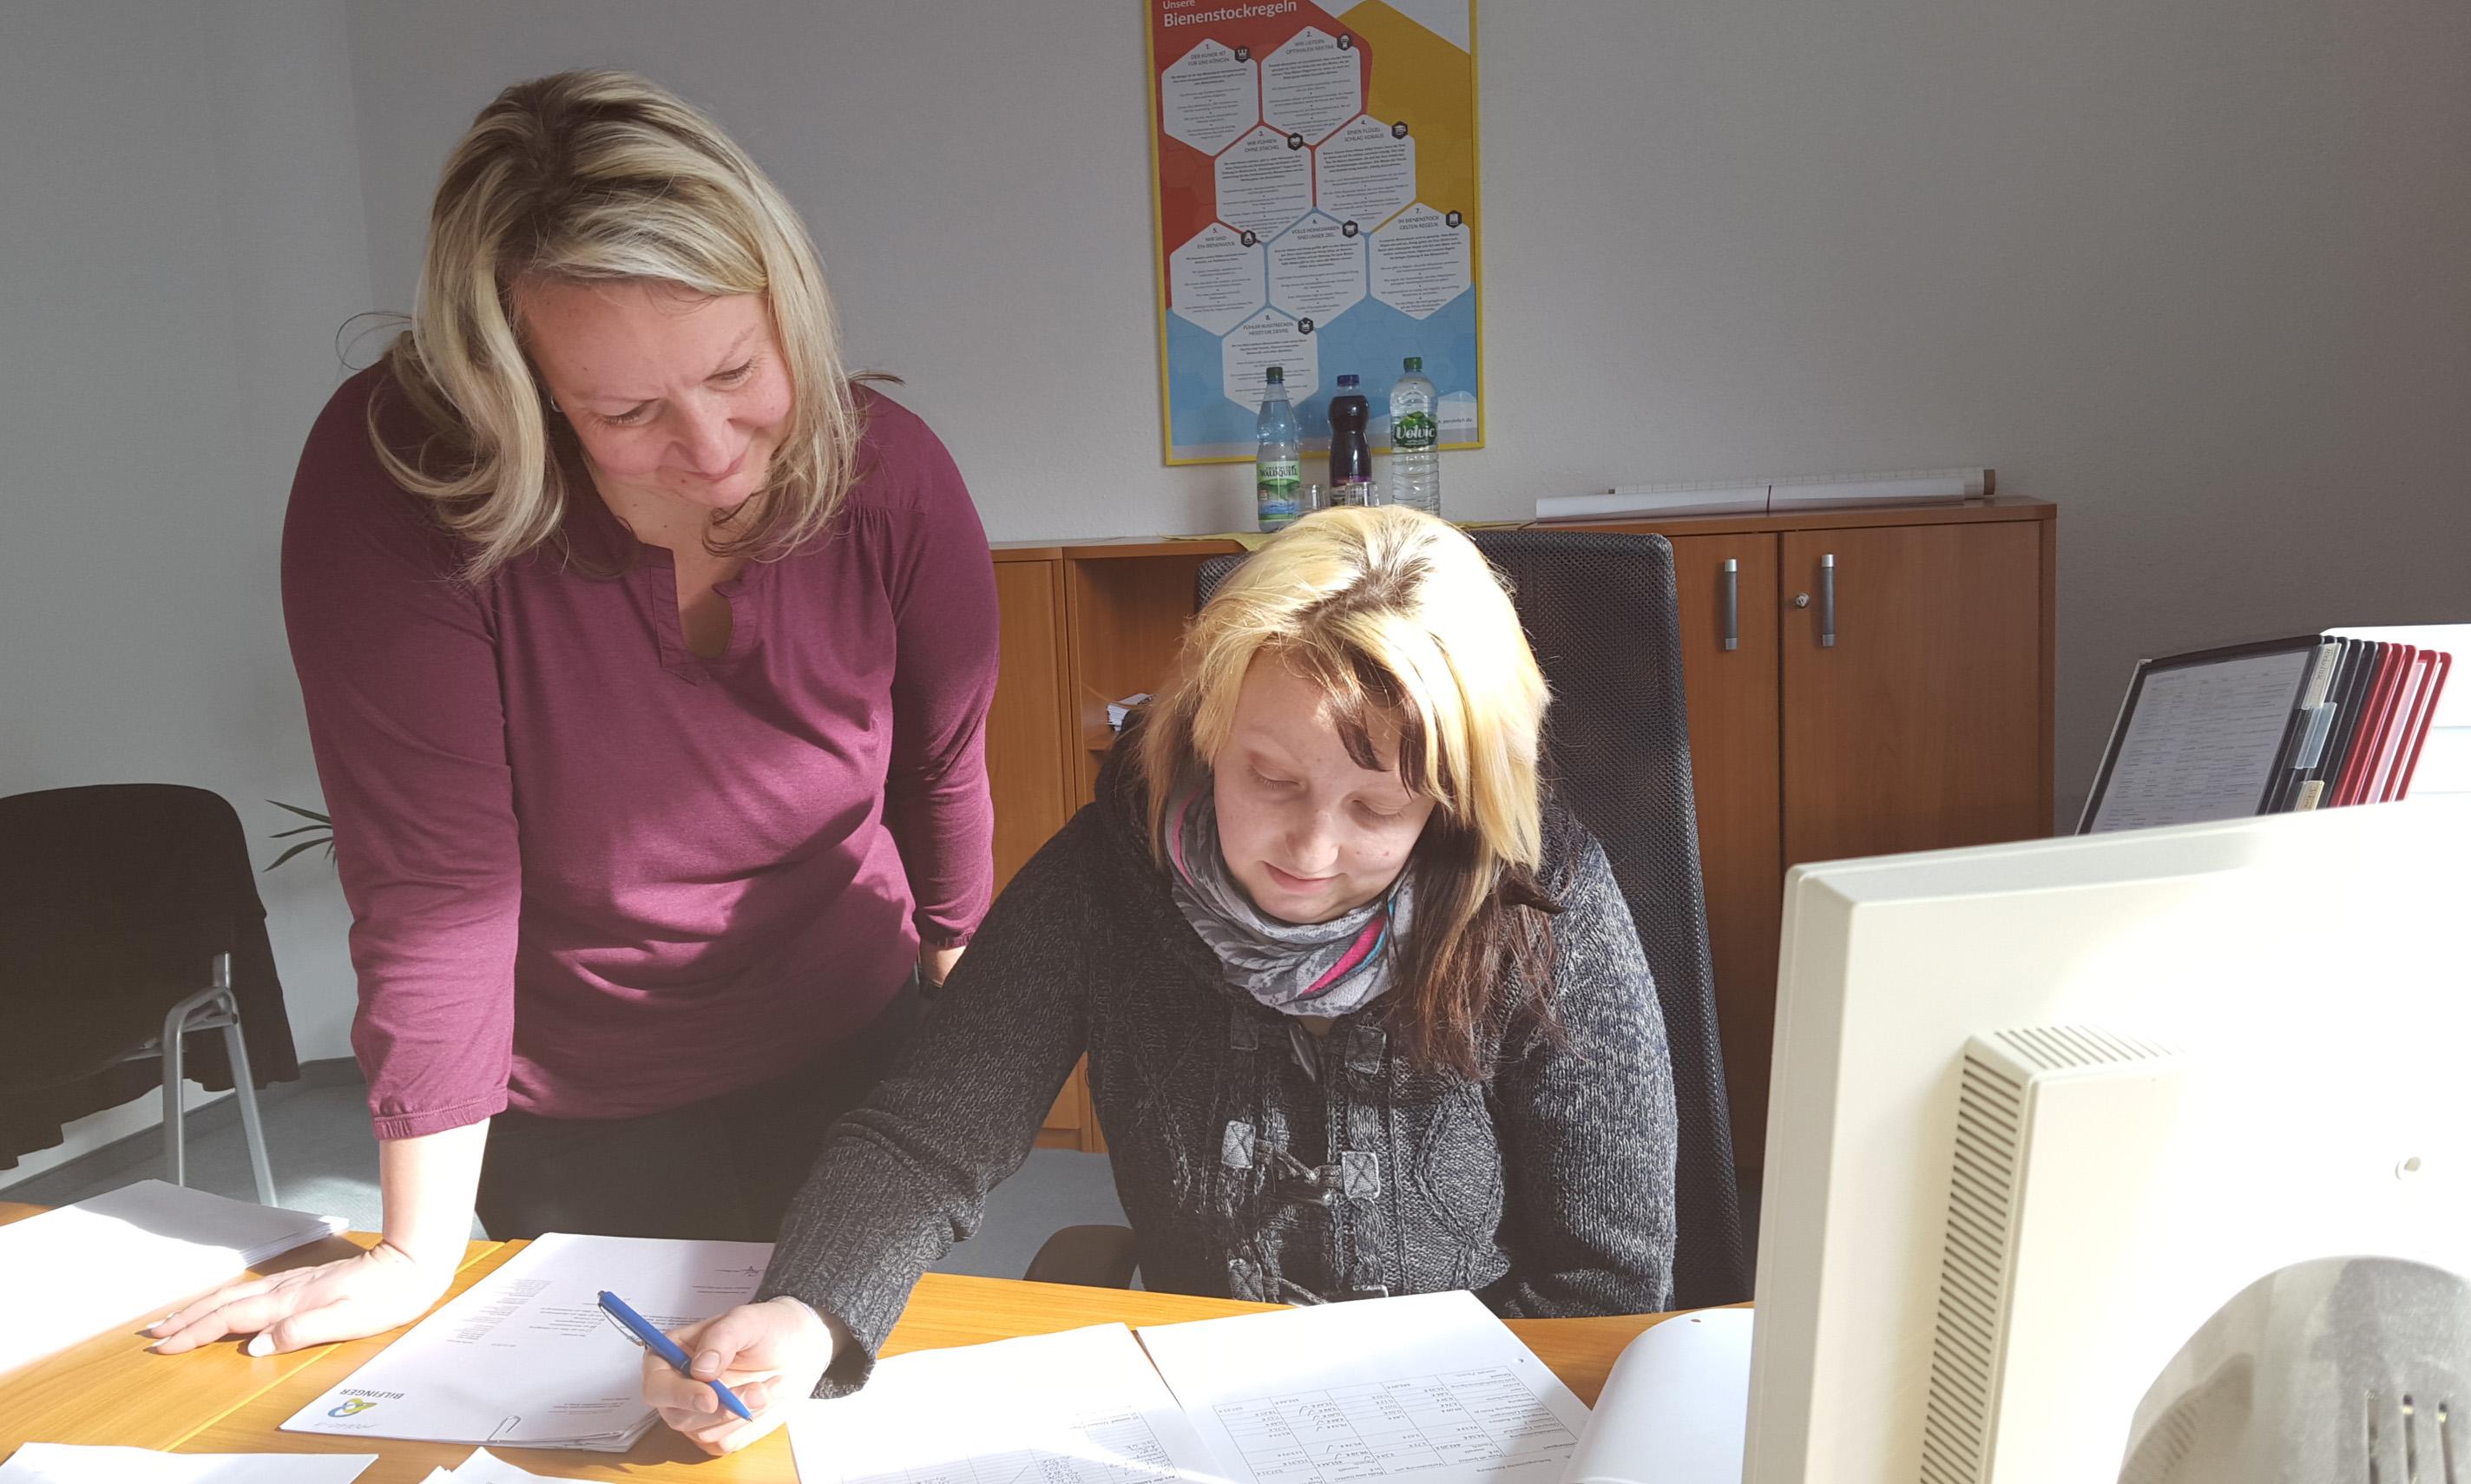 Theresa Schachtschabel (sitzend) wird von Anja Donat (stehend), Sekretärin der RWS-Niederlassung Erfurt, angeleitet